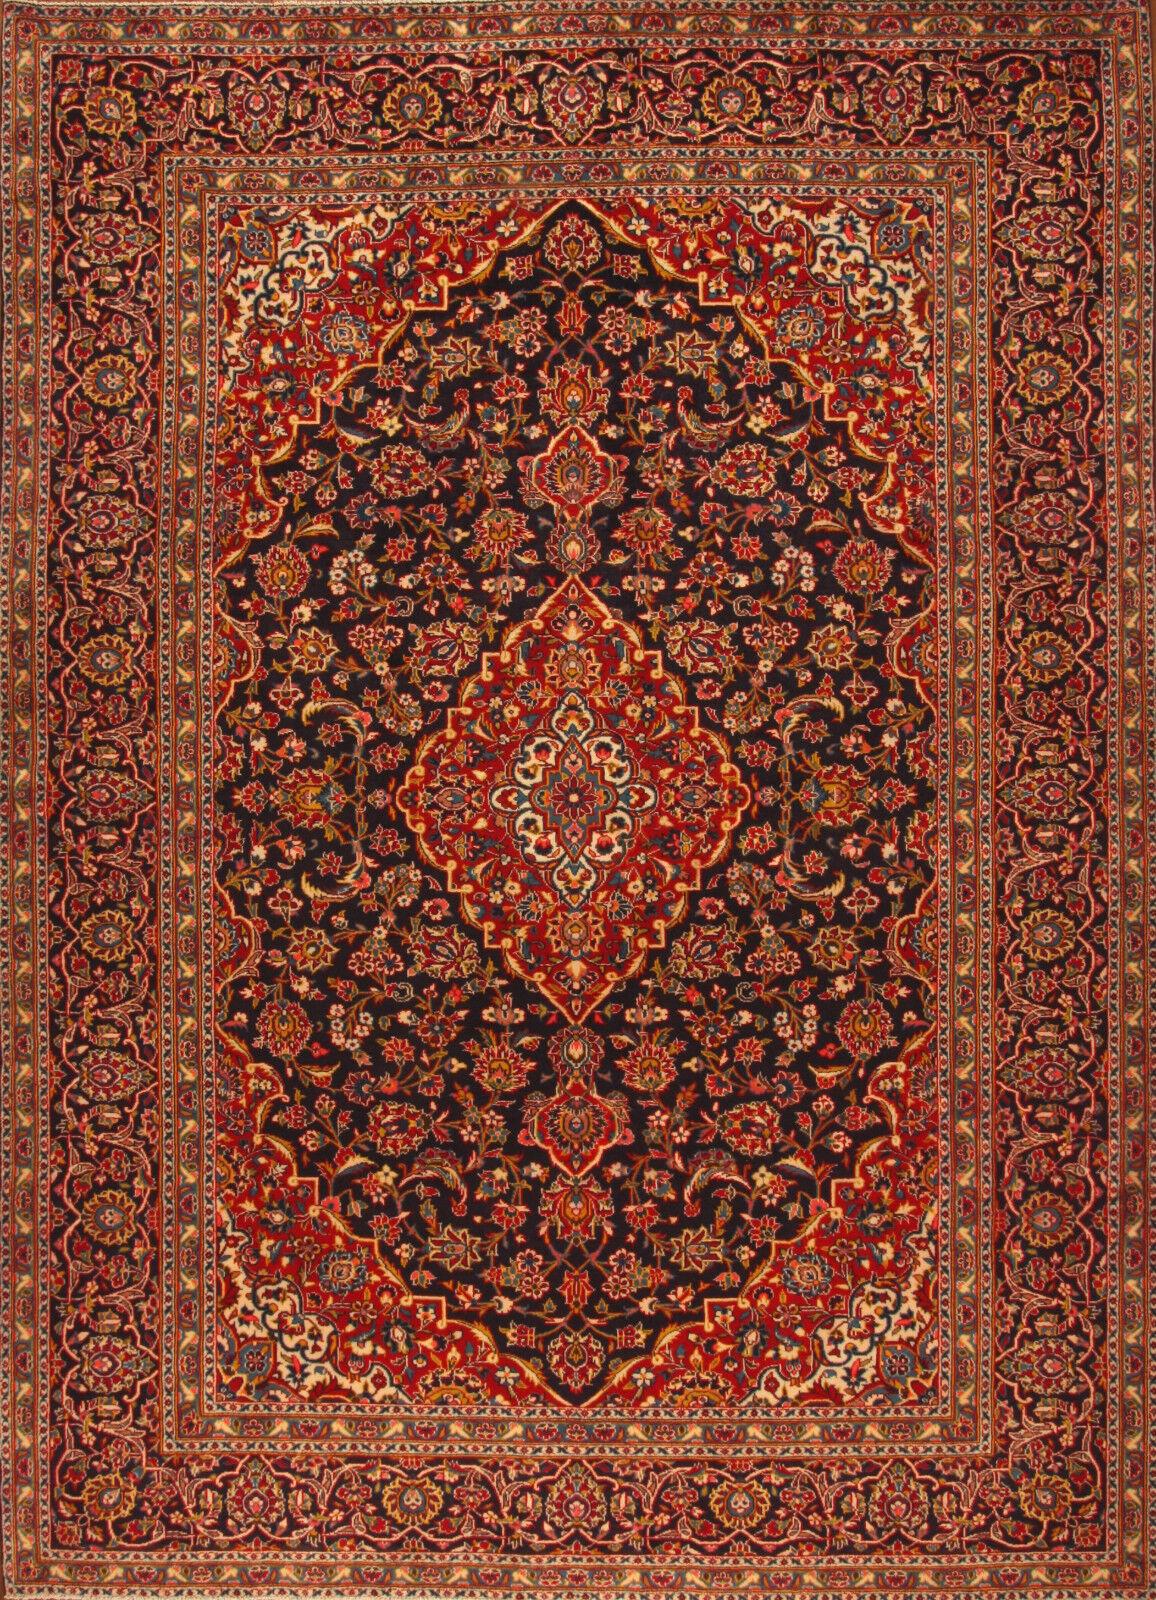 Alfombras orientales Auténticas hechas a mano persas nr. 4353 (335 X 240) cm